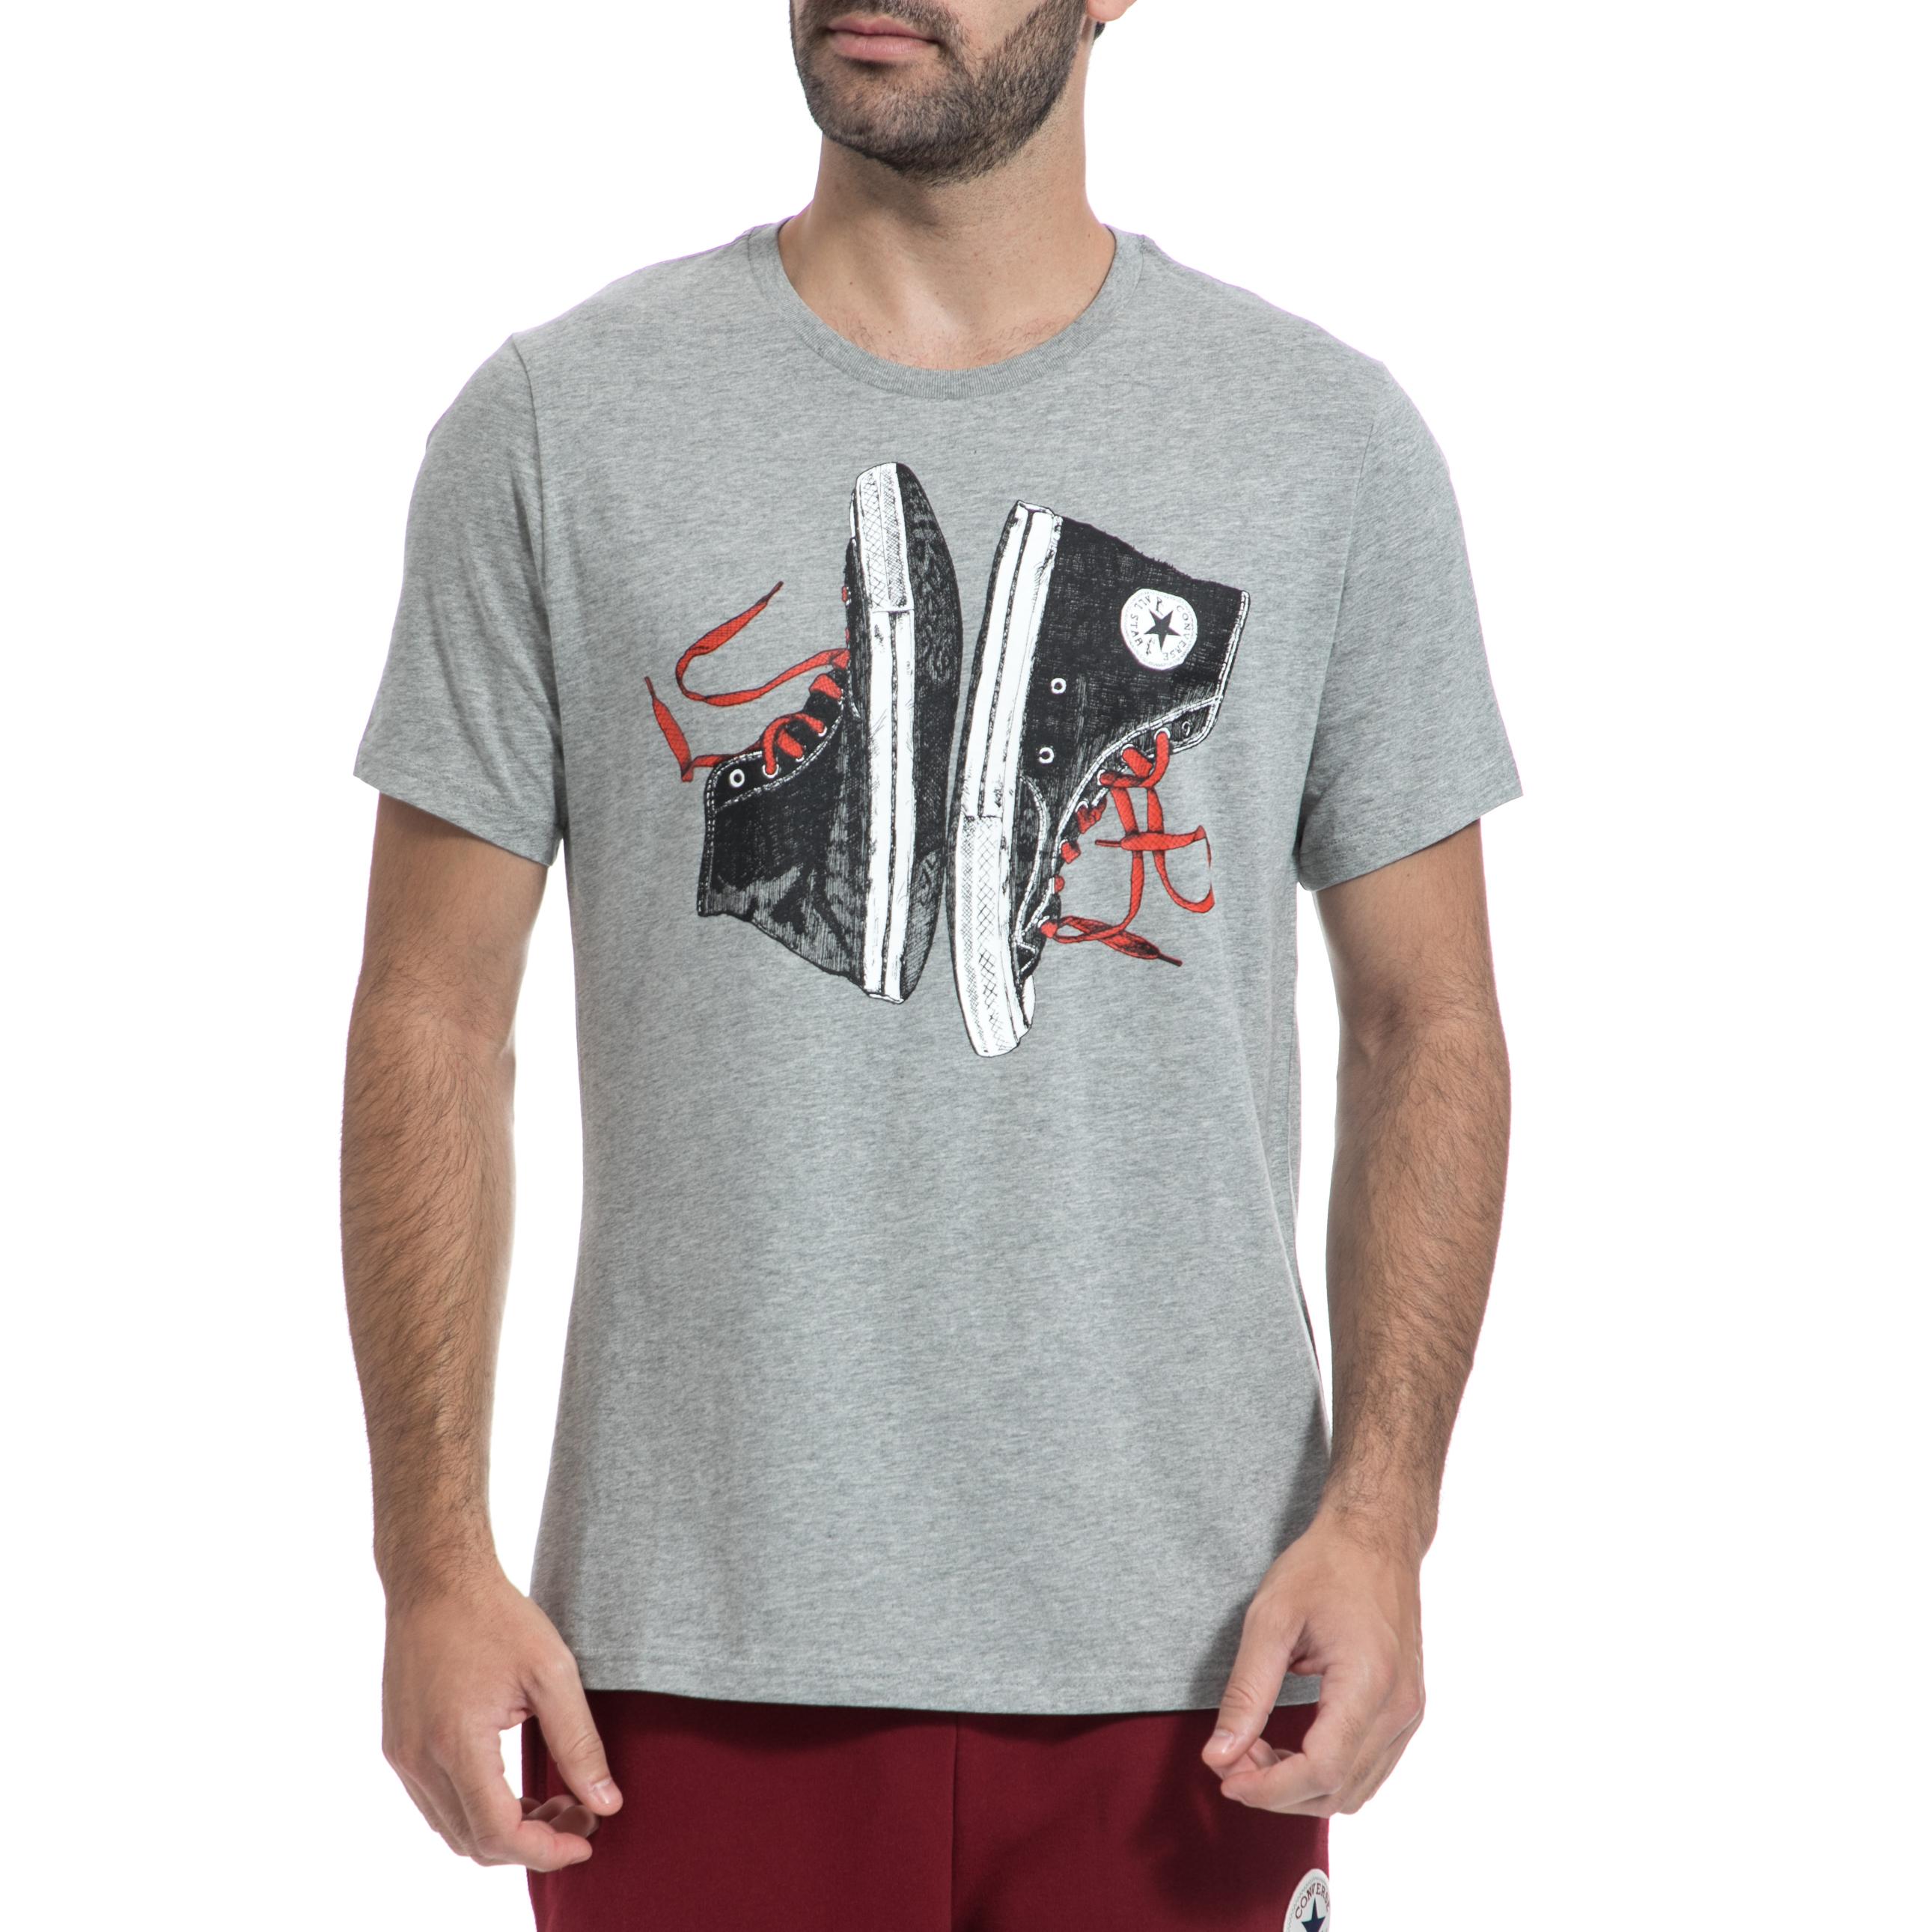 CONVERSE – Ανρική μπλούζα CONVERSE γκρι